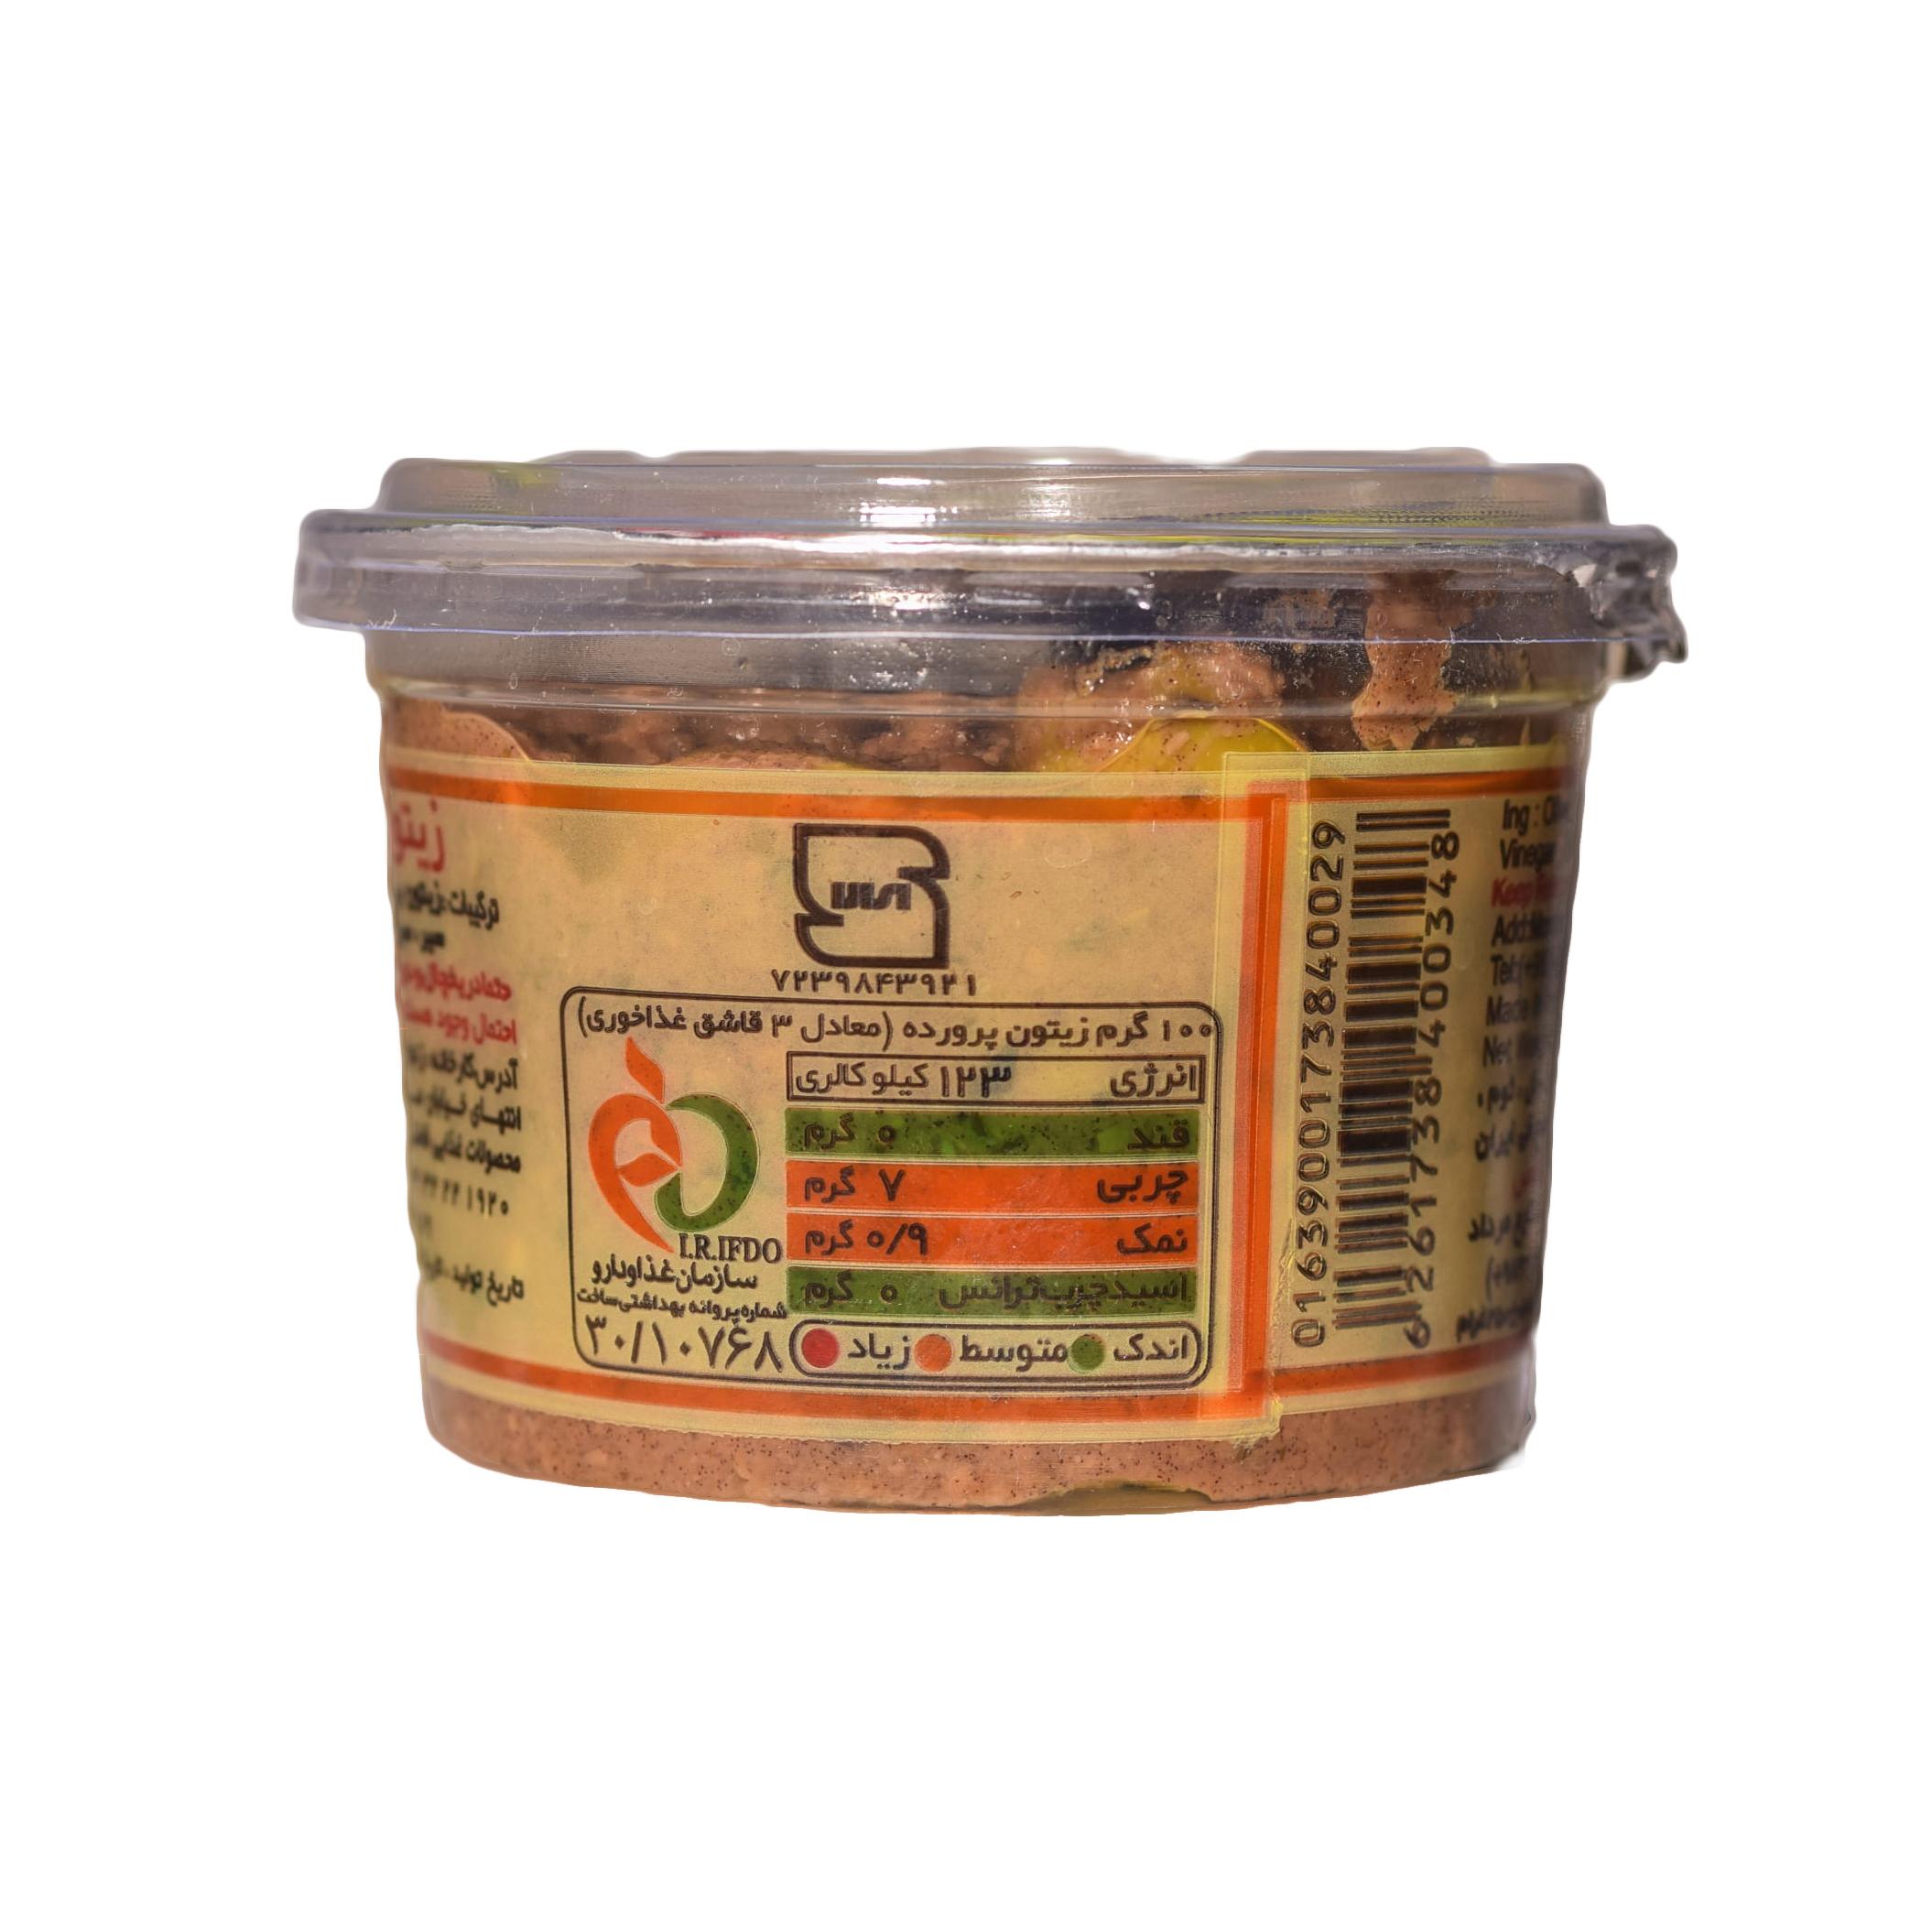 زیتون پرورده ویژه دلفین - 250 گرم main 1 2